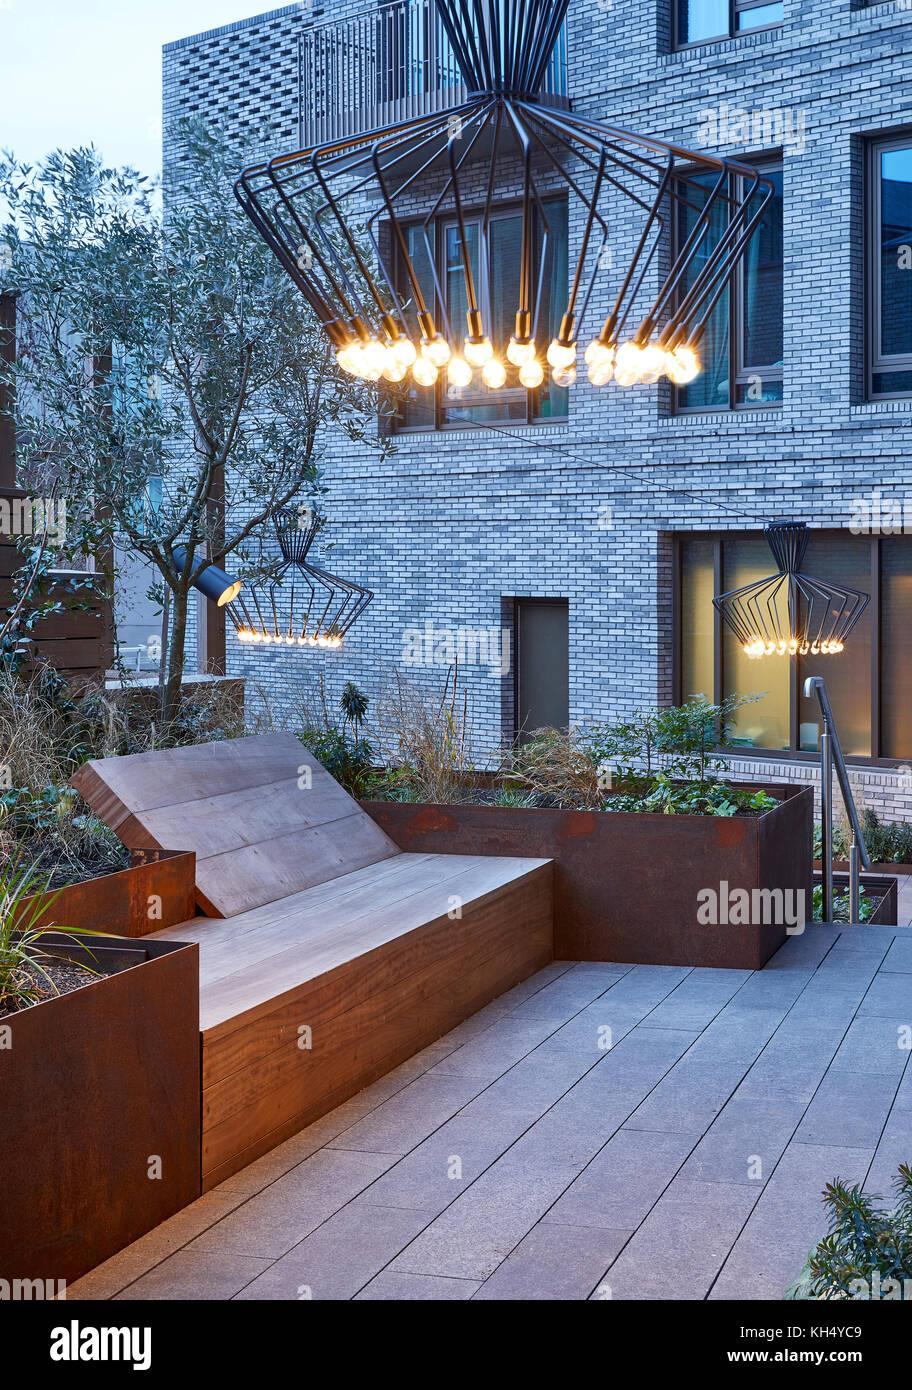 Angelegter Garten mit Beleuchtung, hob Metall Garten Betten und Holzmöbeln. 55 Victoria Street, London, Großbritannien Stockbild